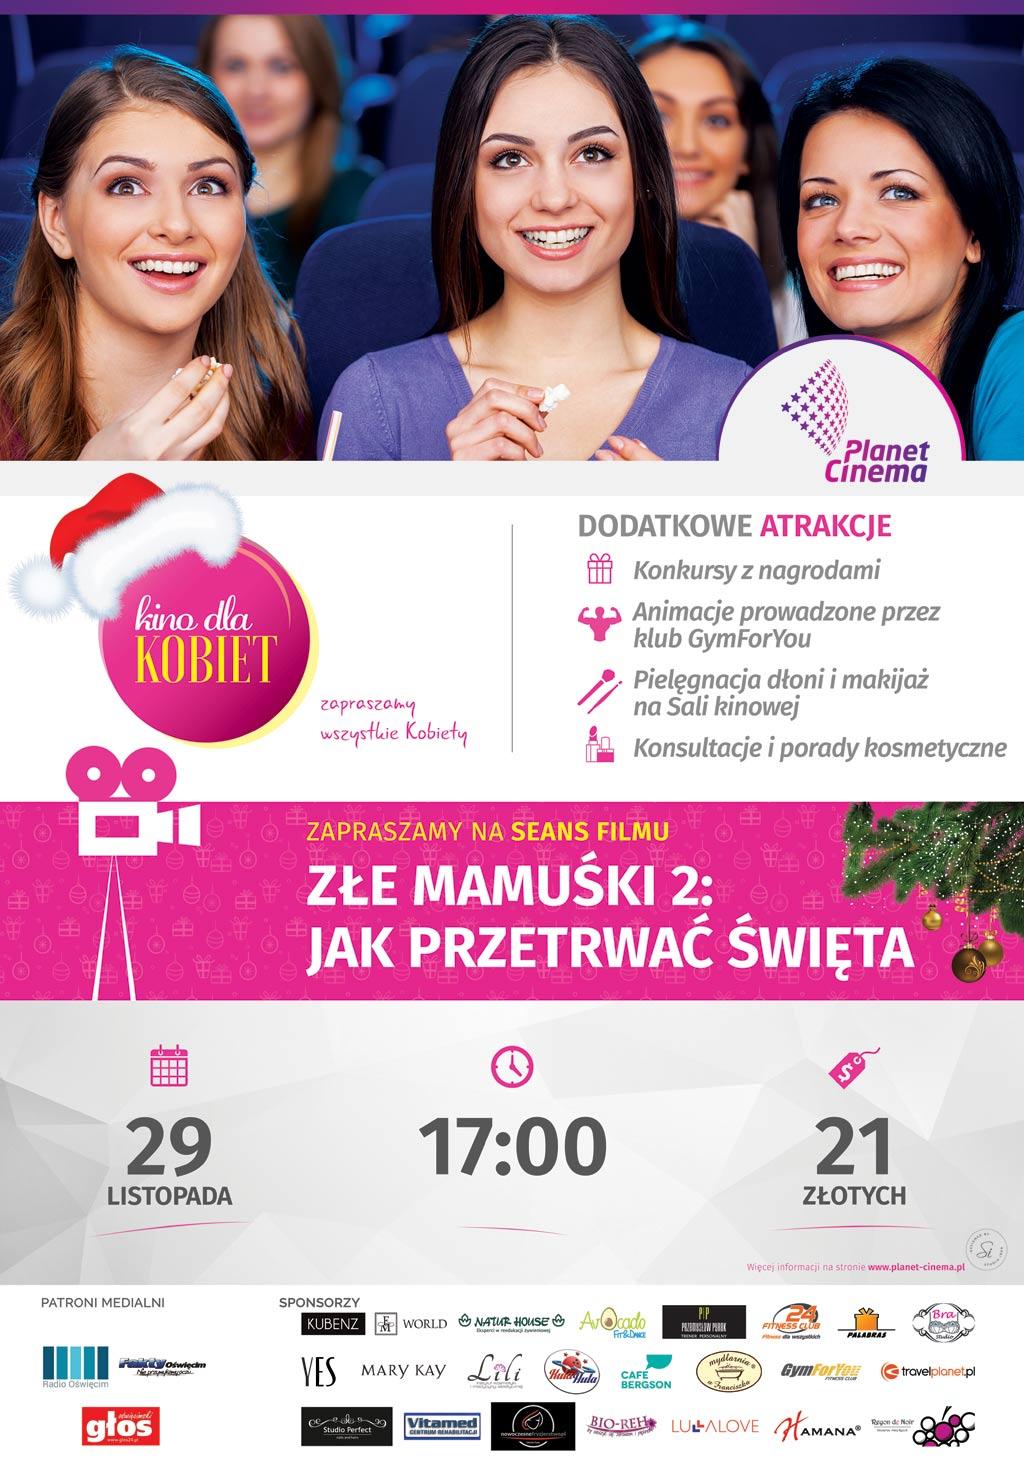 Dla naszych Czytelniczek mamy podwójne zaproszenie na Kino dla Kobiet, które odbędzie w Planet Cinema w Oświęcimiu.